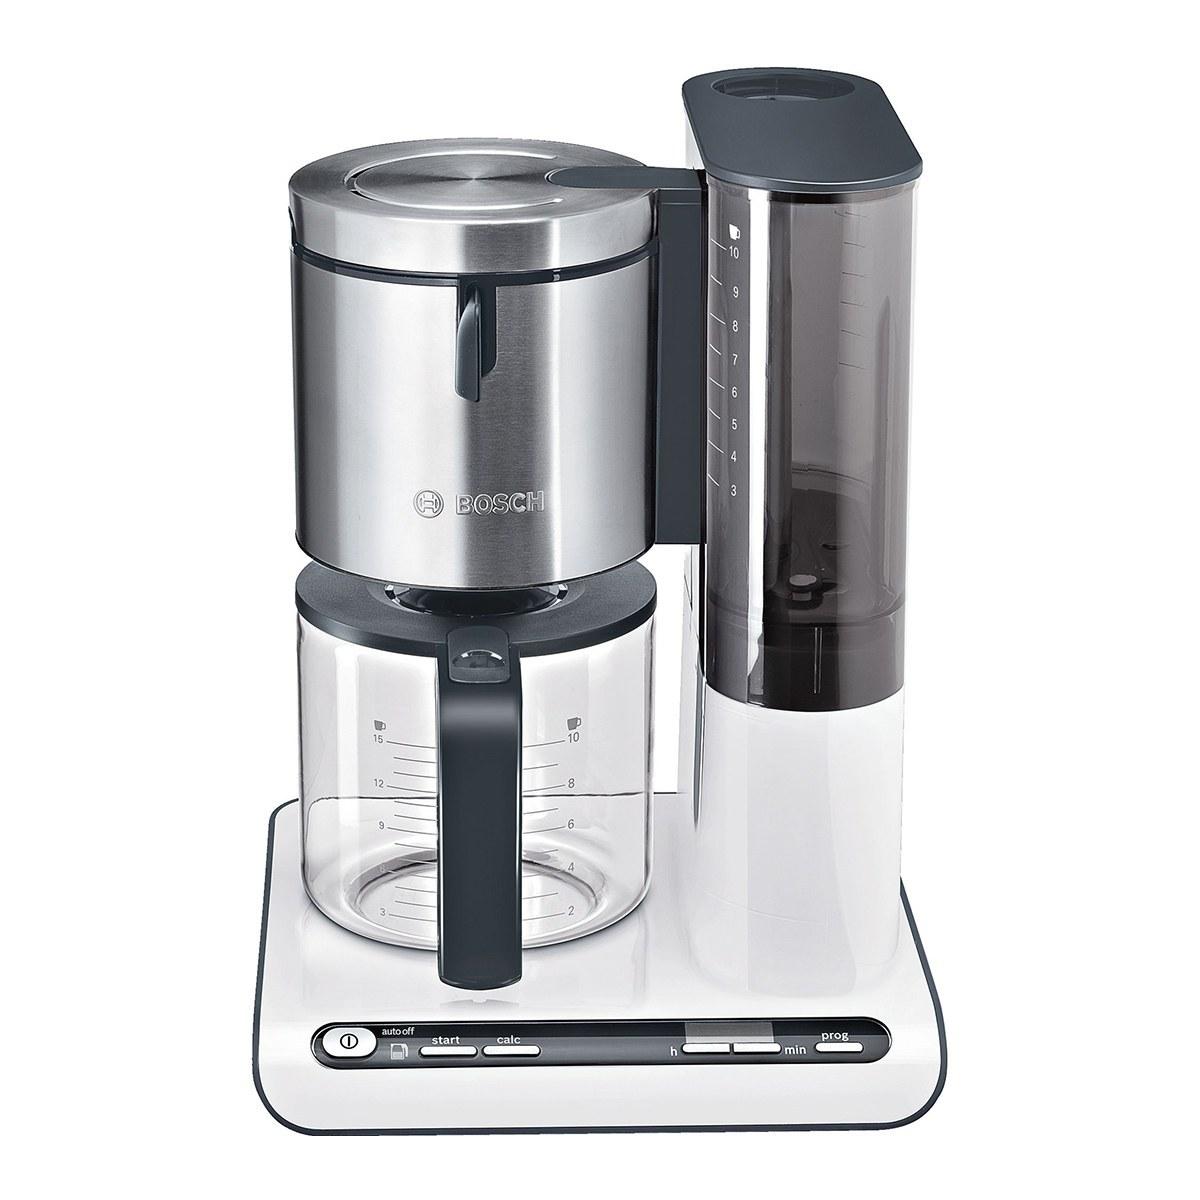 تصویر قهوه ساز بوش مدل TKA8631 Bosch TKA8631 Coffee Maker